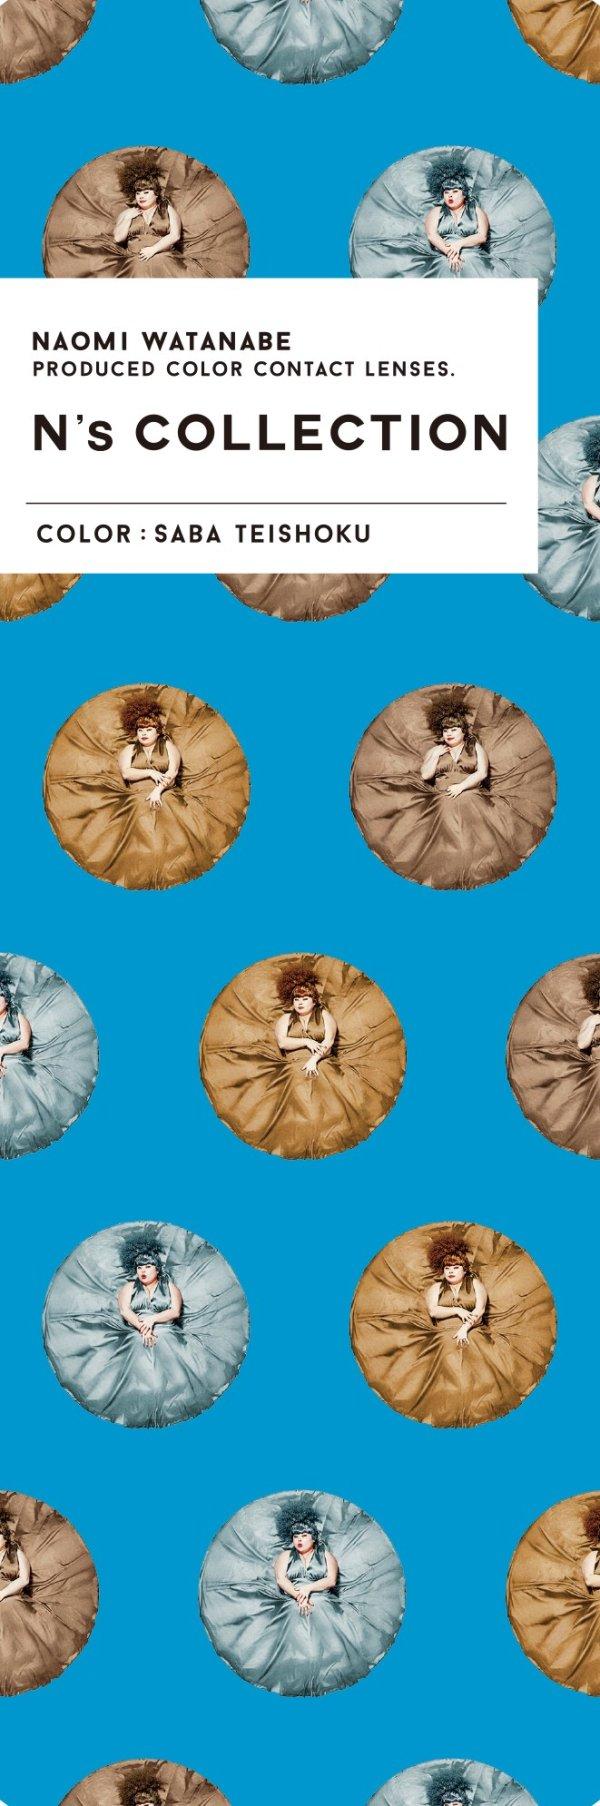 画像3: 【N'sCOLLECTION-エヌズコレクション-】(さば定食)(1箱10枚) 1日使い捨てカラーコンタクト【カラコン】